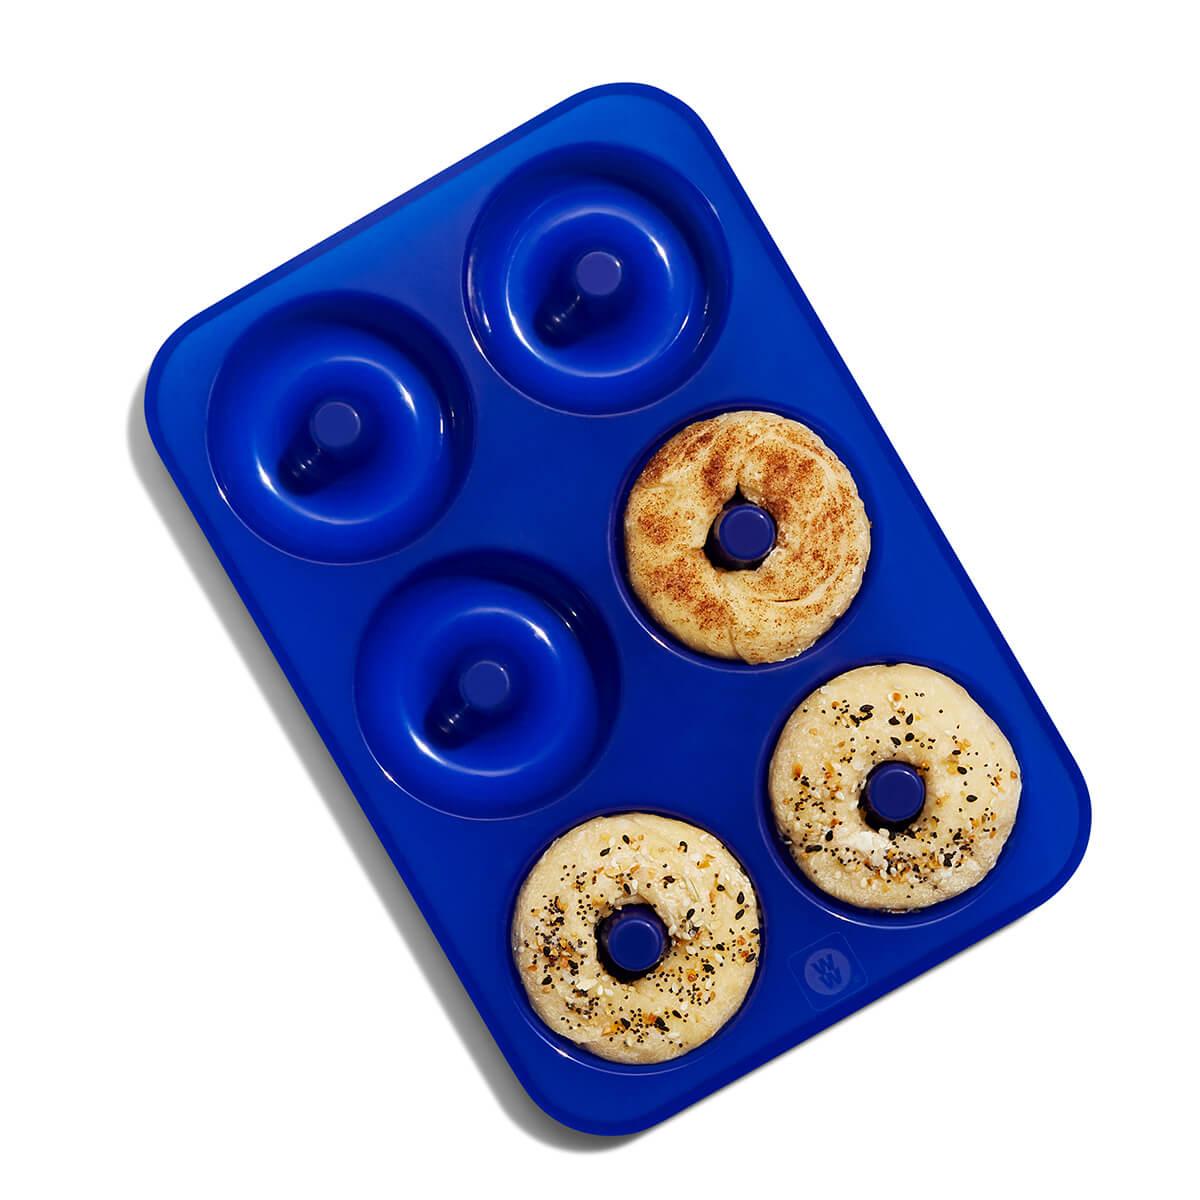 2 Ingredient Bagel Kit - tray